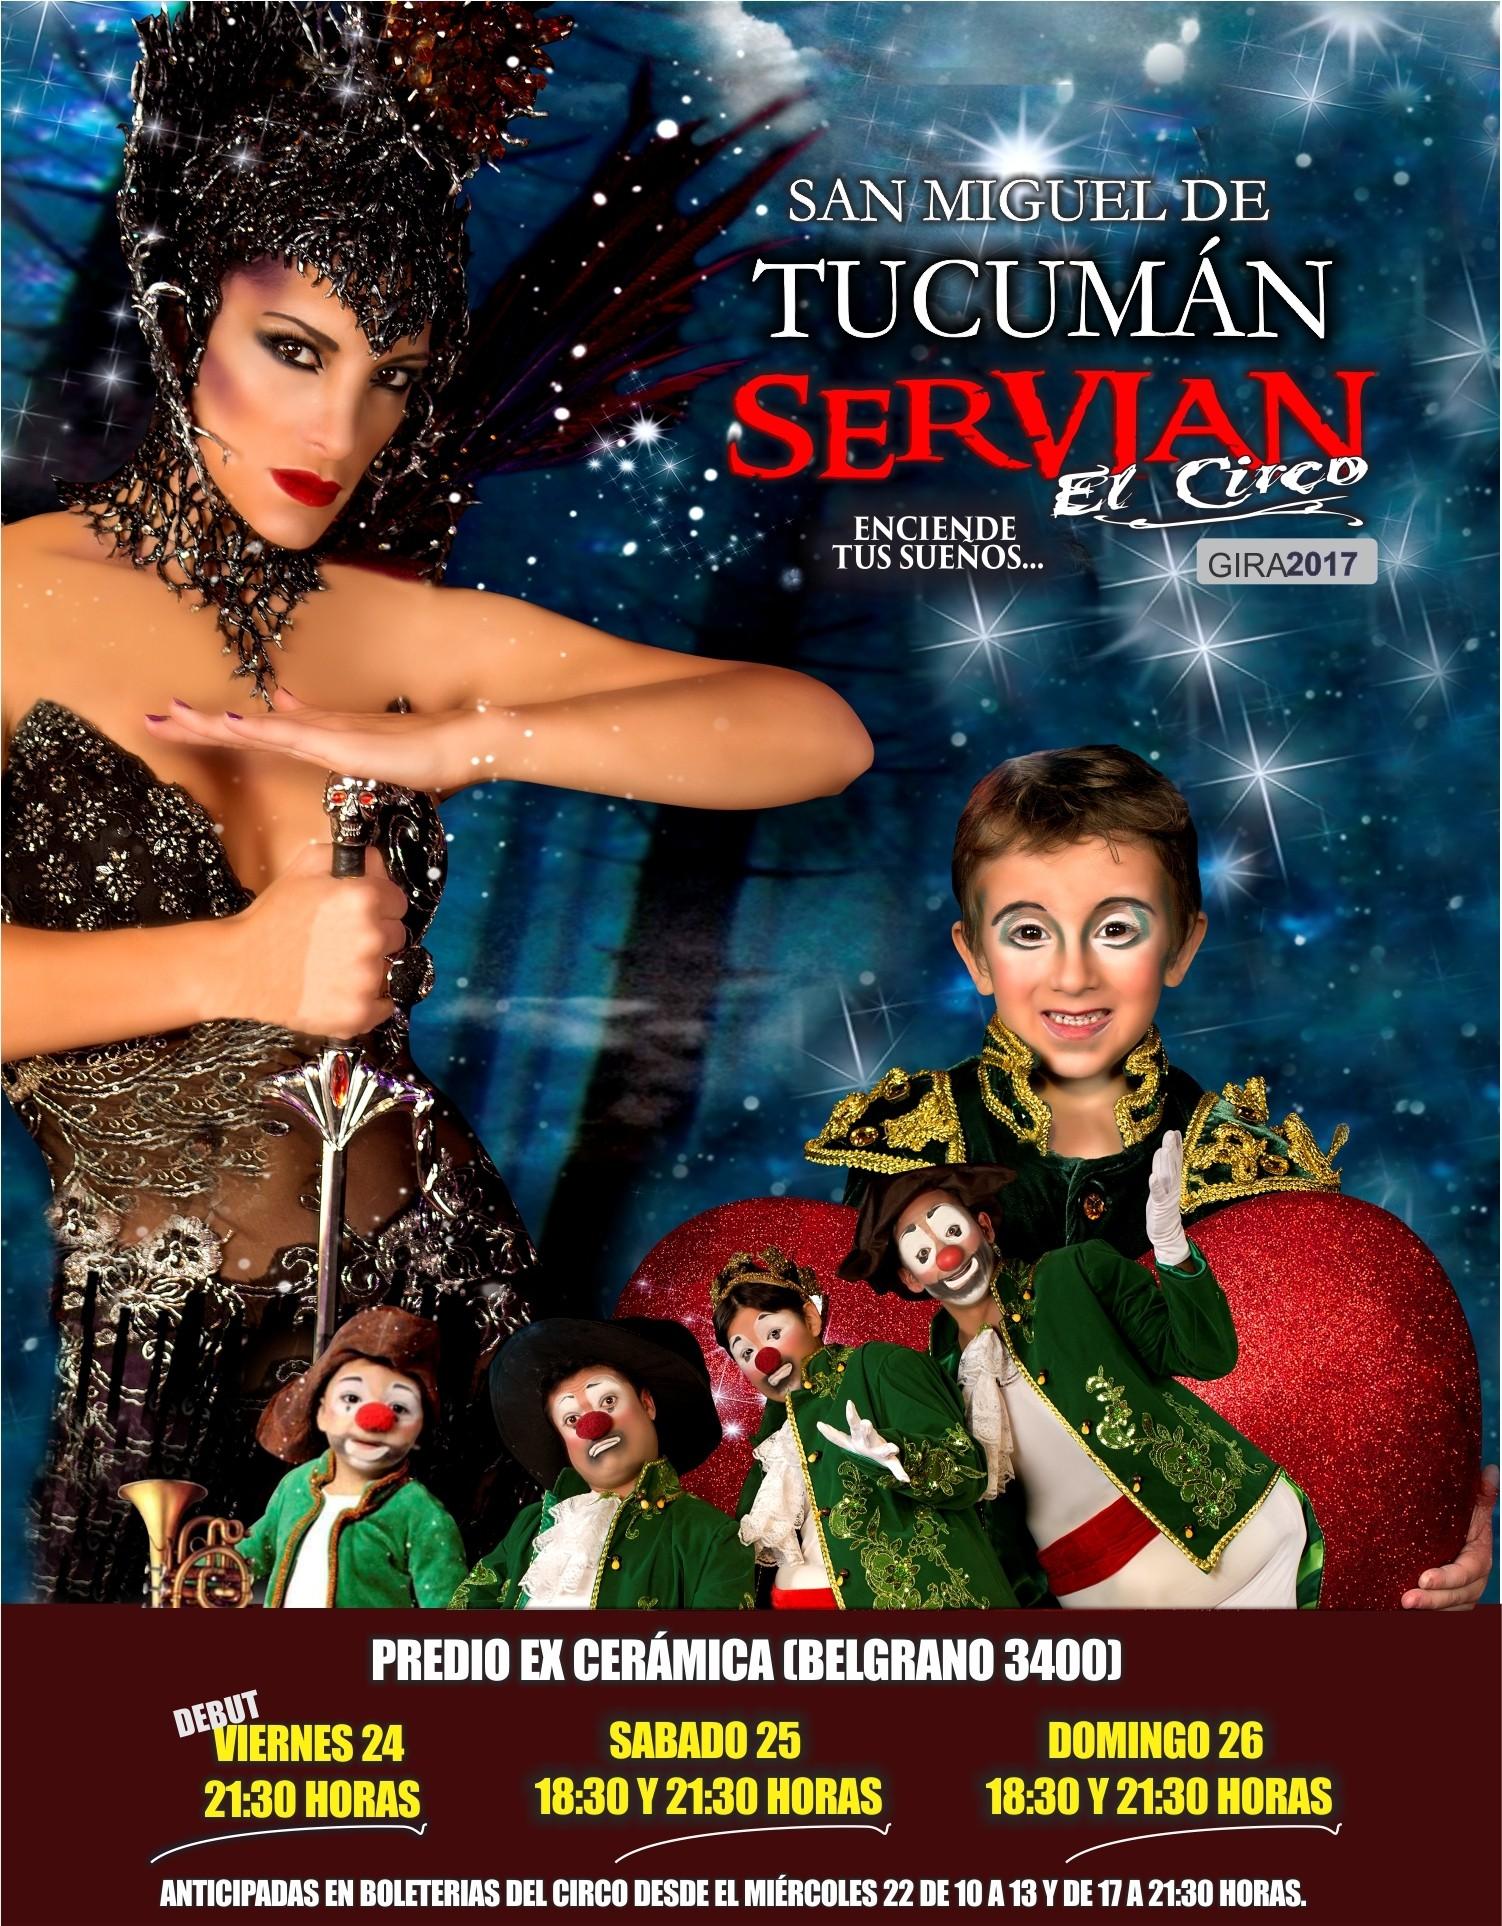 Gran Debut en #Tucumán - Viernes 24 - 21:30 hs